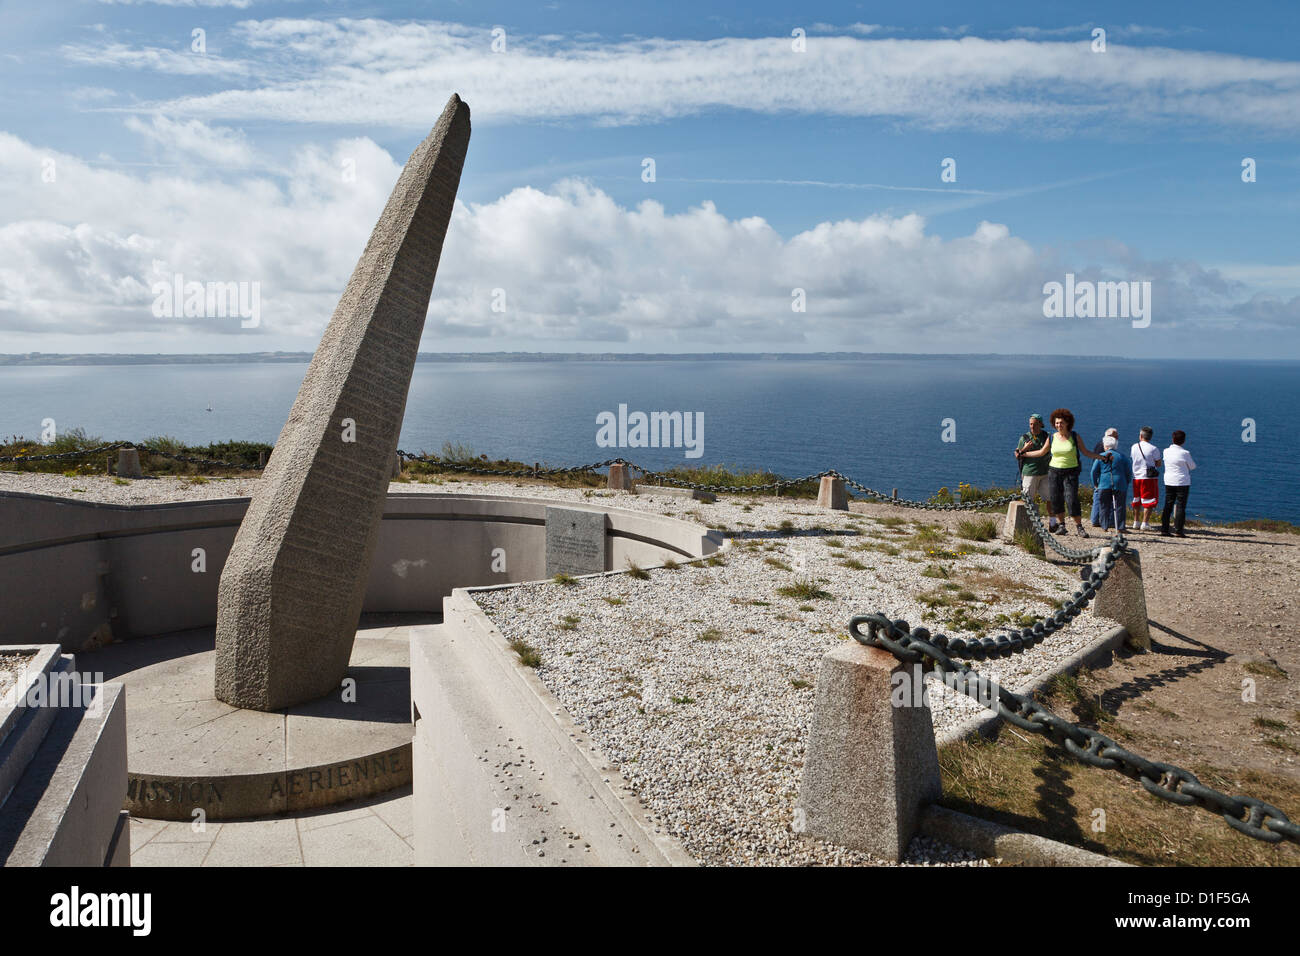 Memorial de L'Aéronautique Navale, Cap de la Chèvre, Finistère, Brittany, France - Stock Image